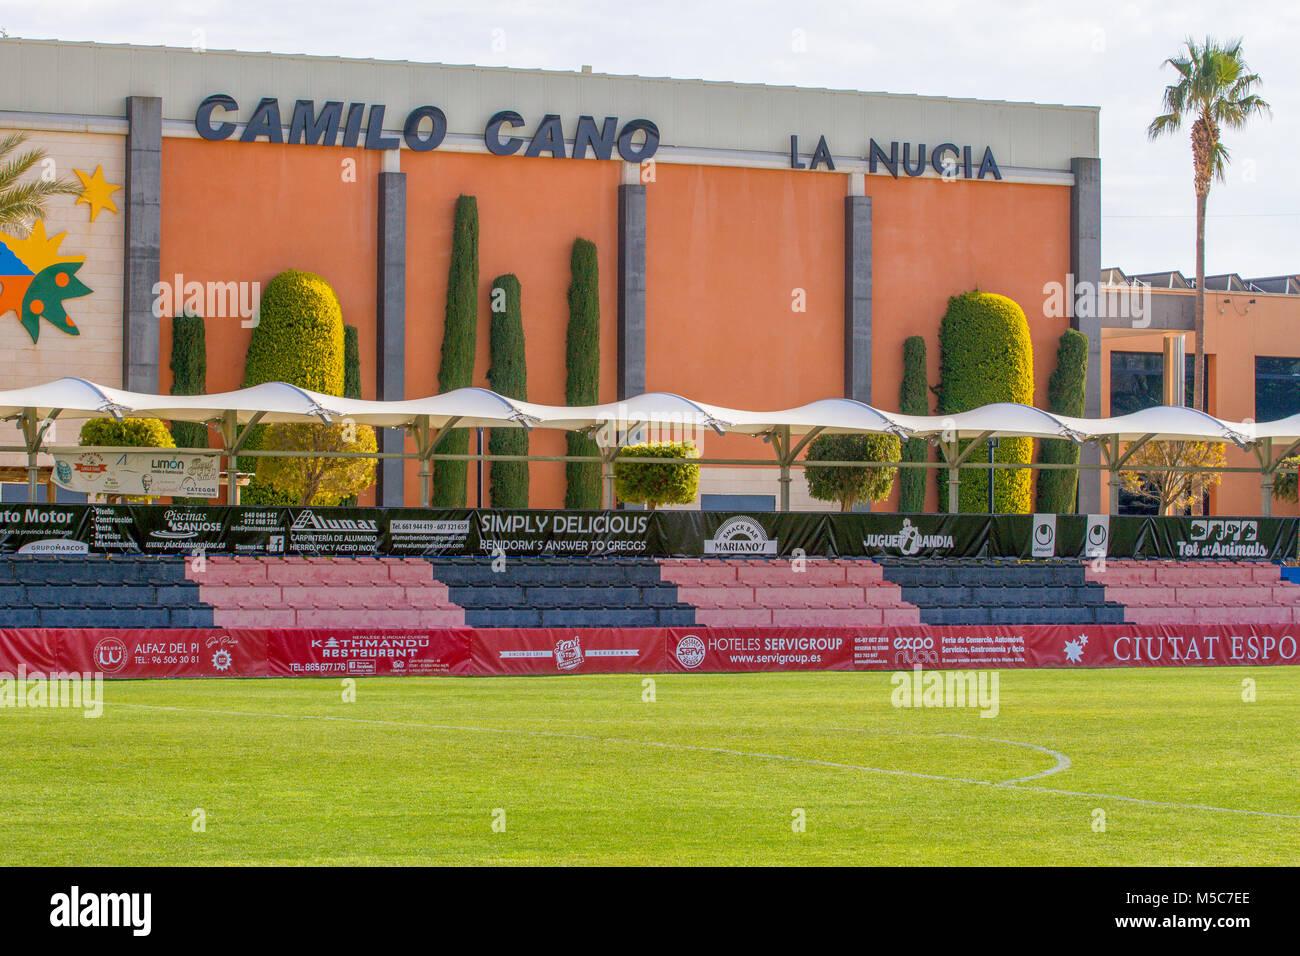 Sport center Ciutat Esportiva Camilo Cano in La Nucia, Spain. - Stock Image